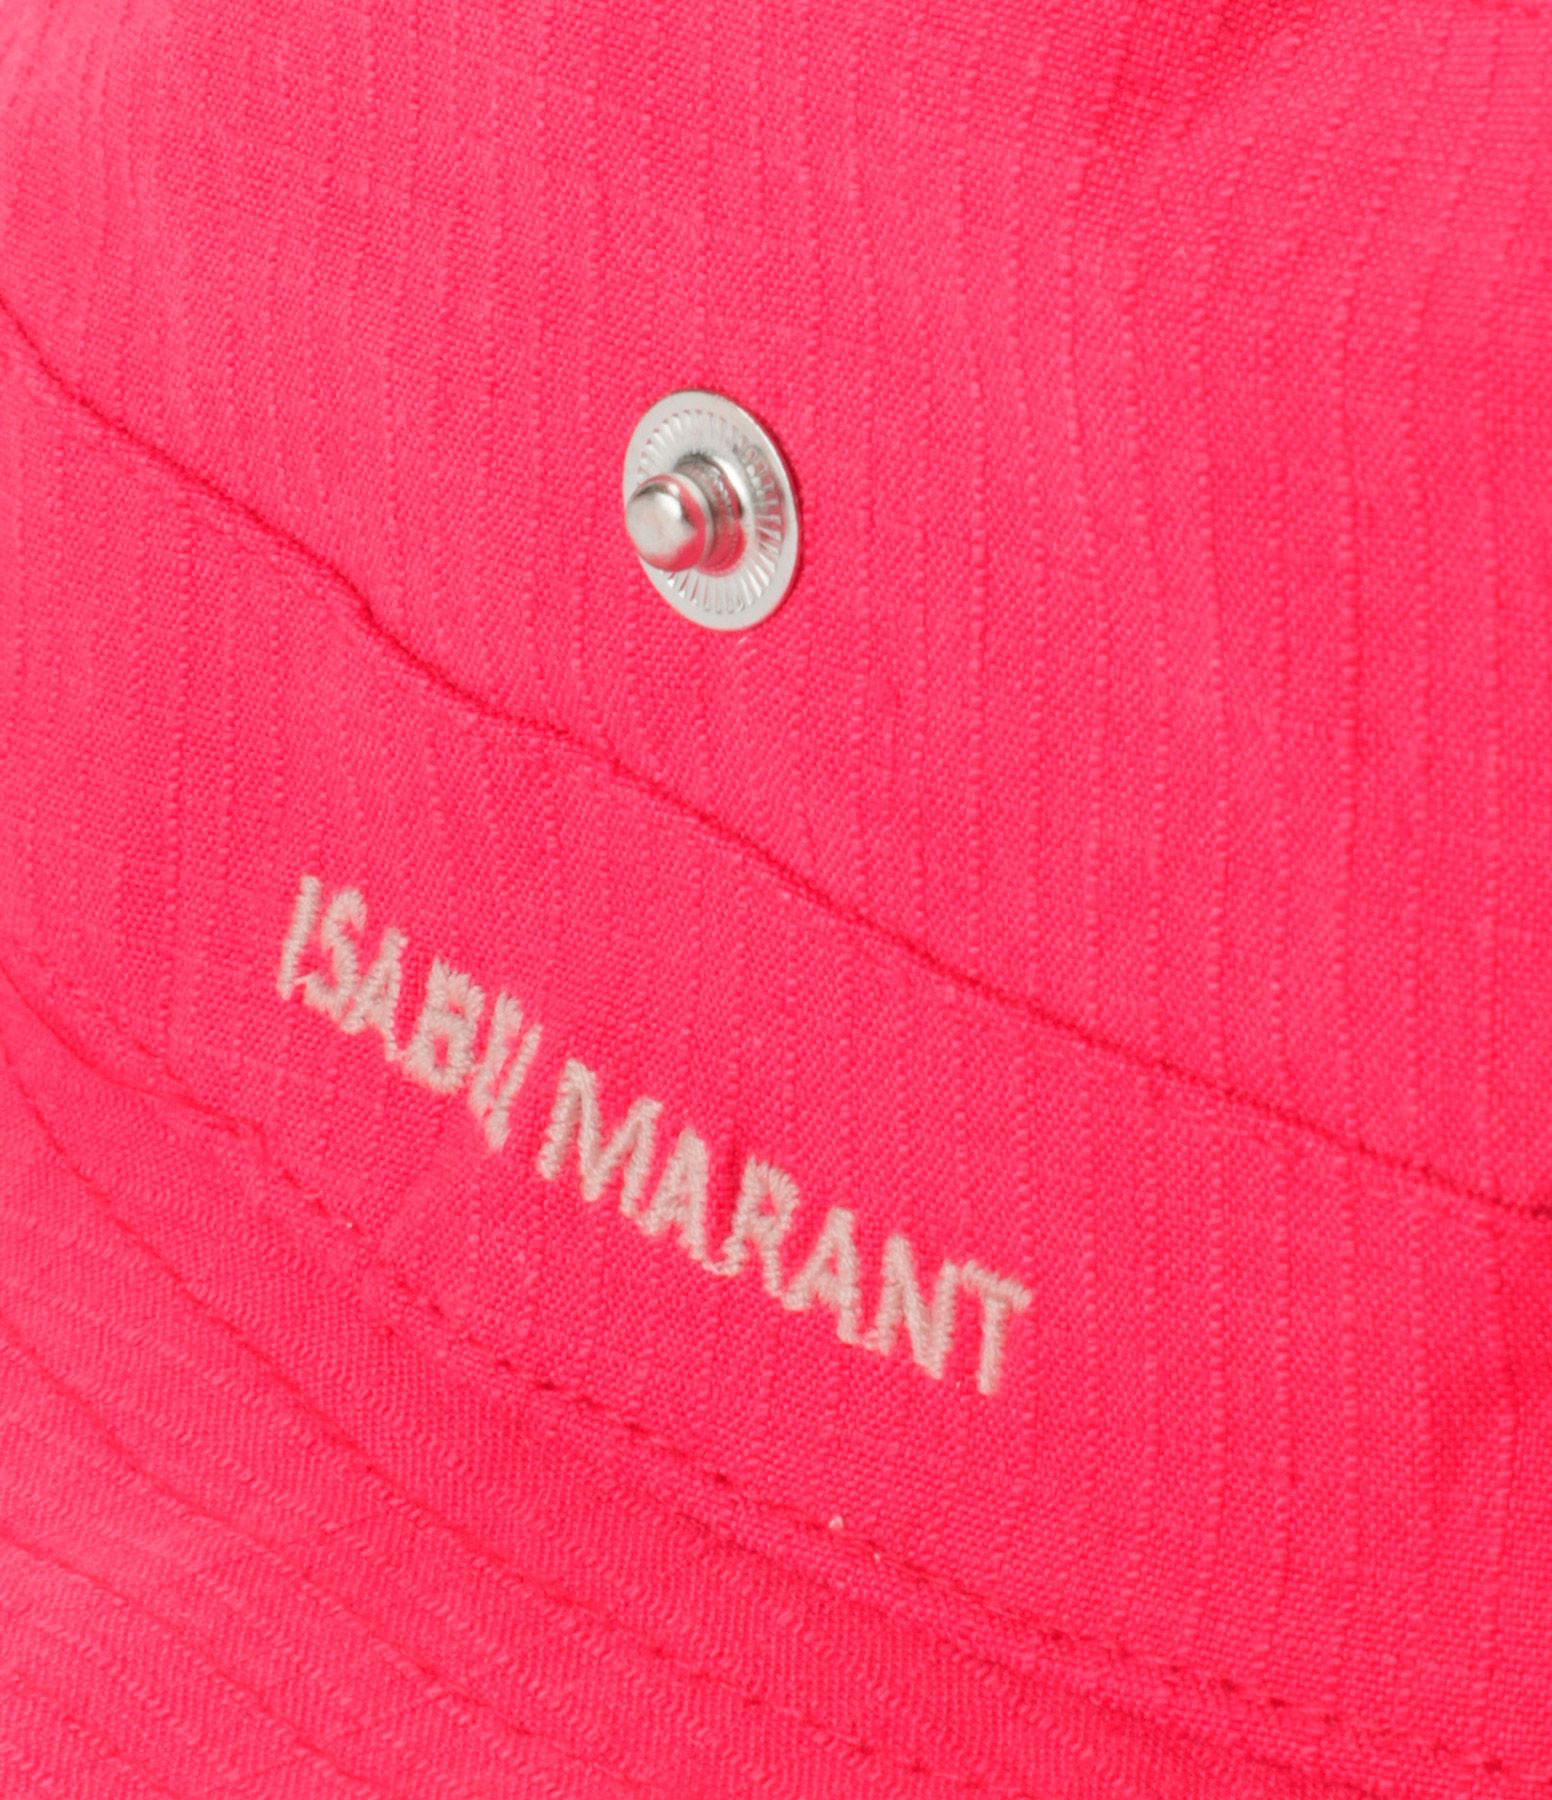 ISABEL MARANT - Bob Caviano Lin Coton Framboise